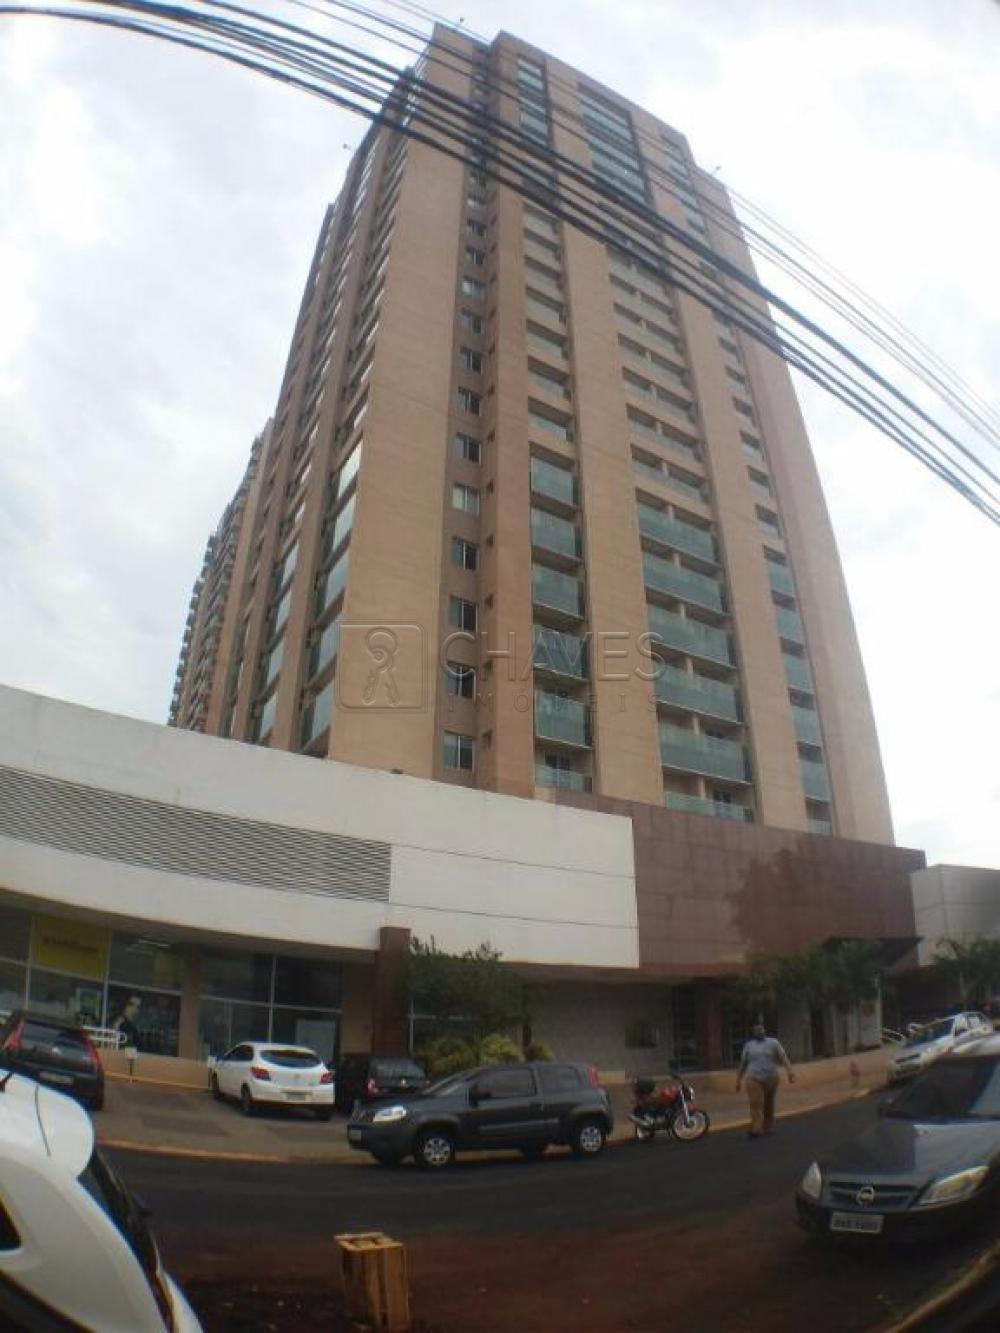 Alugar Comercial / Sala em Condomínio em Ribeirão Preto R$ 1.500,00 - Foto 12